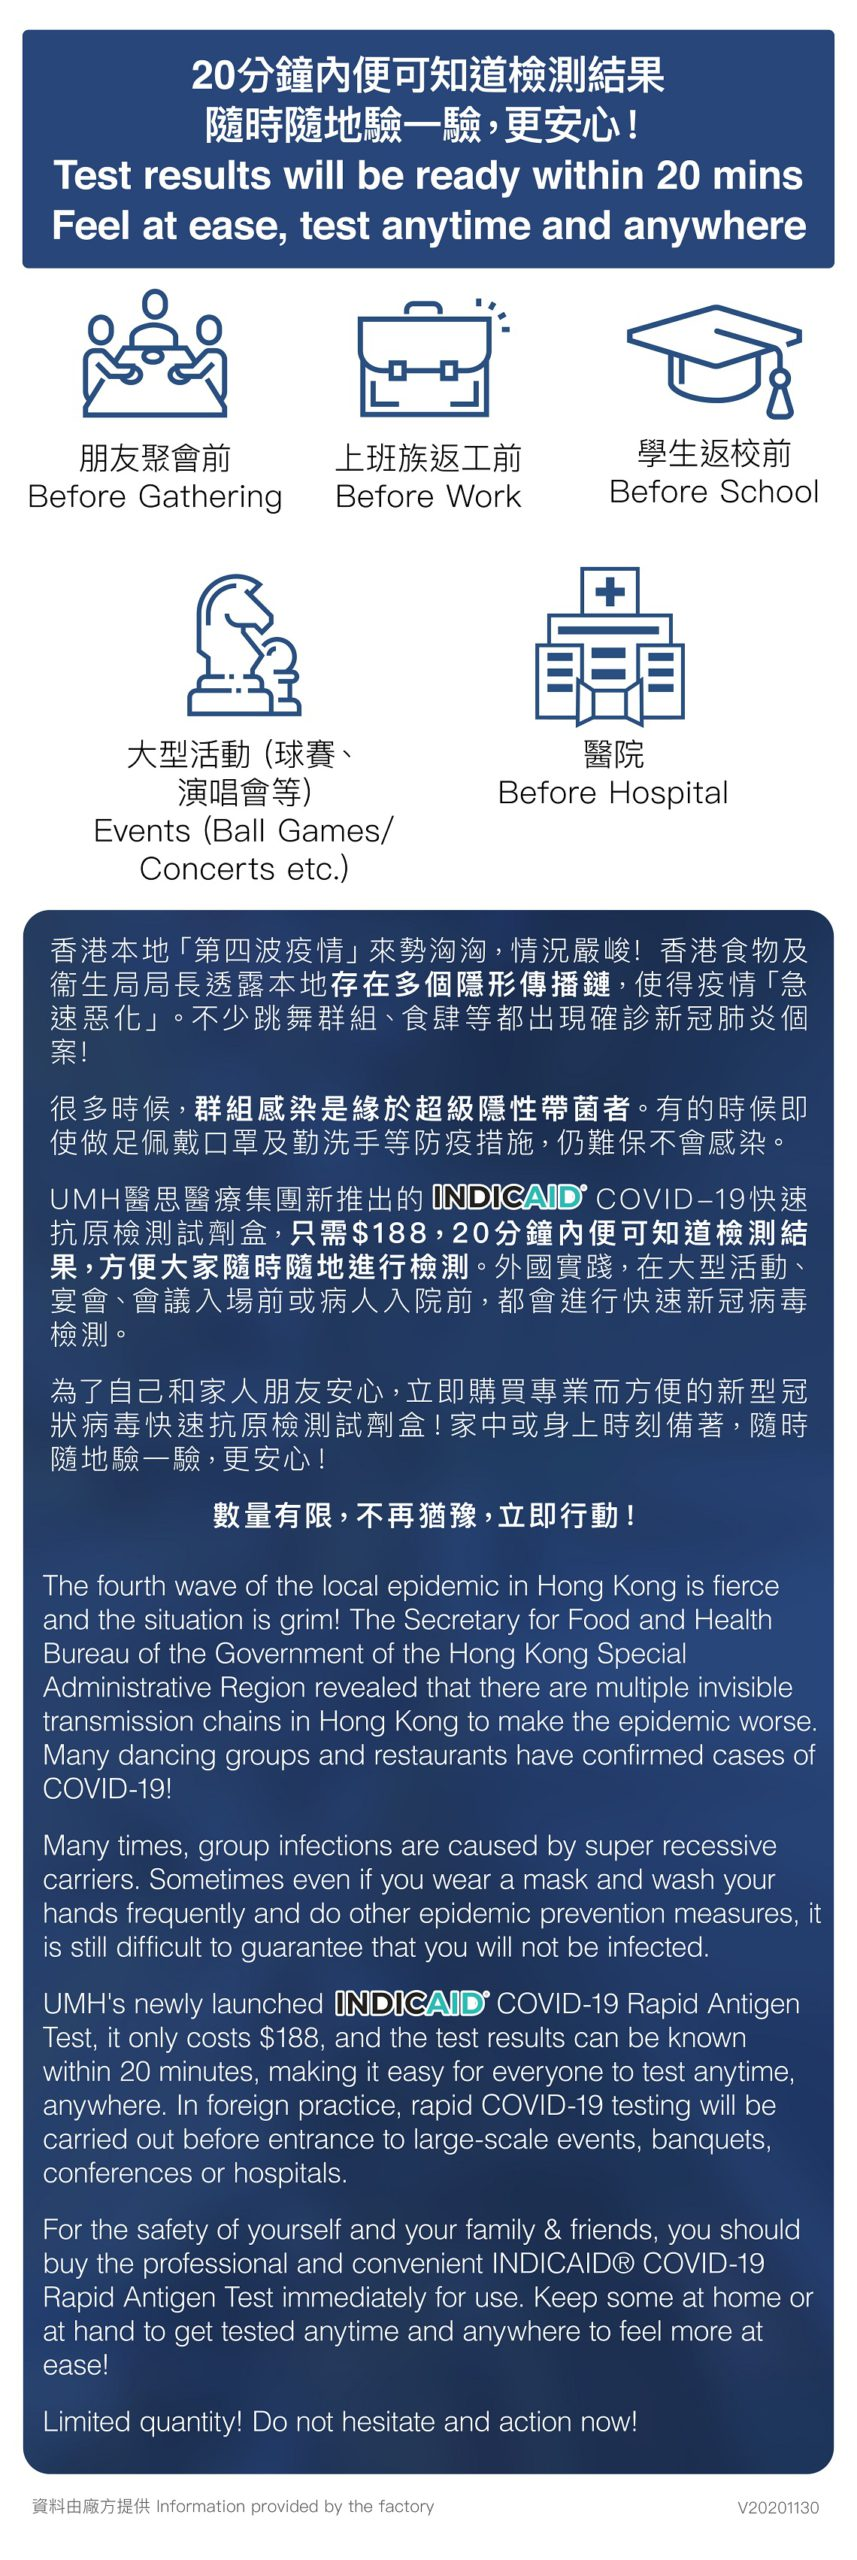 香港本地「第四波疫情」來勢洶洶,情況嚴峻! 香港食物及衞生局局長透露本地存在多個隱形傳播鏈,疫情「急速惡化」,不少跳舞群組、食肆等都出現確診新冠肺炎個案! 很多時候群組感染是緣於超級隱性帶菌者。有的時候即使做足佩戴口罩及勤洗手等防疫措施,仍難保不會感染。 UMH醫思醫療集團新推出的INDICAID COVID-19快速抗原檢測試劑盒,只需$188, 20分鐘內便可知道檢測結果,方便大家隨時隨地進行檢測。外國實踐,在大型活動、宴會、會議入場前或病人入院前,都會進行快速新冠病毒檢測。 為了自己和家人朋友安心,立即購買專業而方便的新型冠狀病毒快速抗原檢測試劑盒!家中或身上時刻備著,隨時隨地驗一驗,更安心! 數量有限,不再猶豫,立即行動!